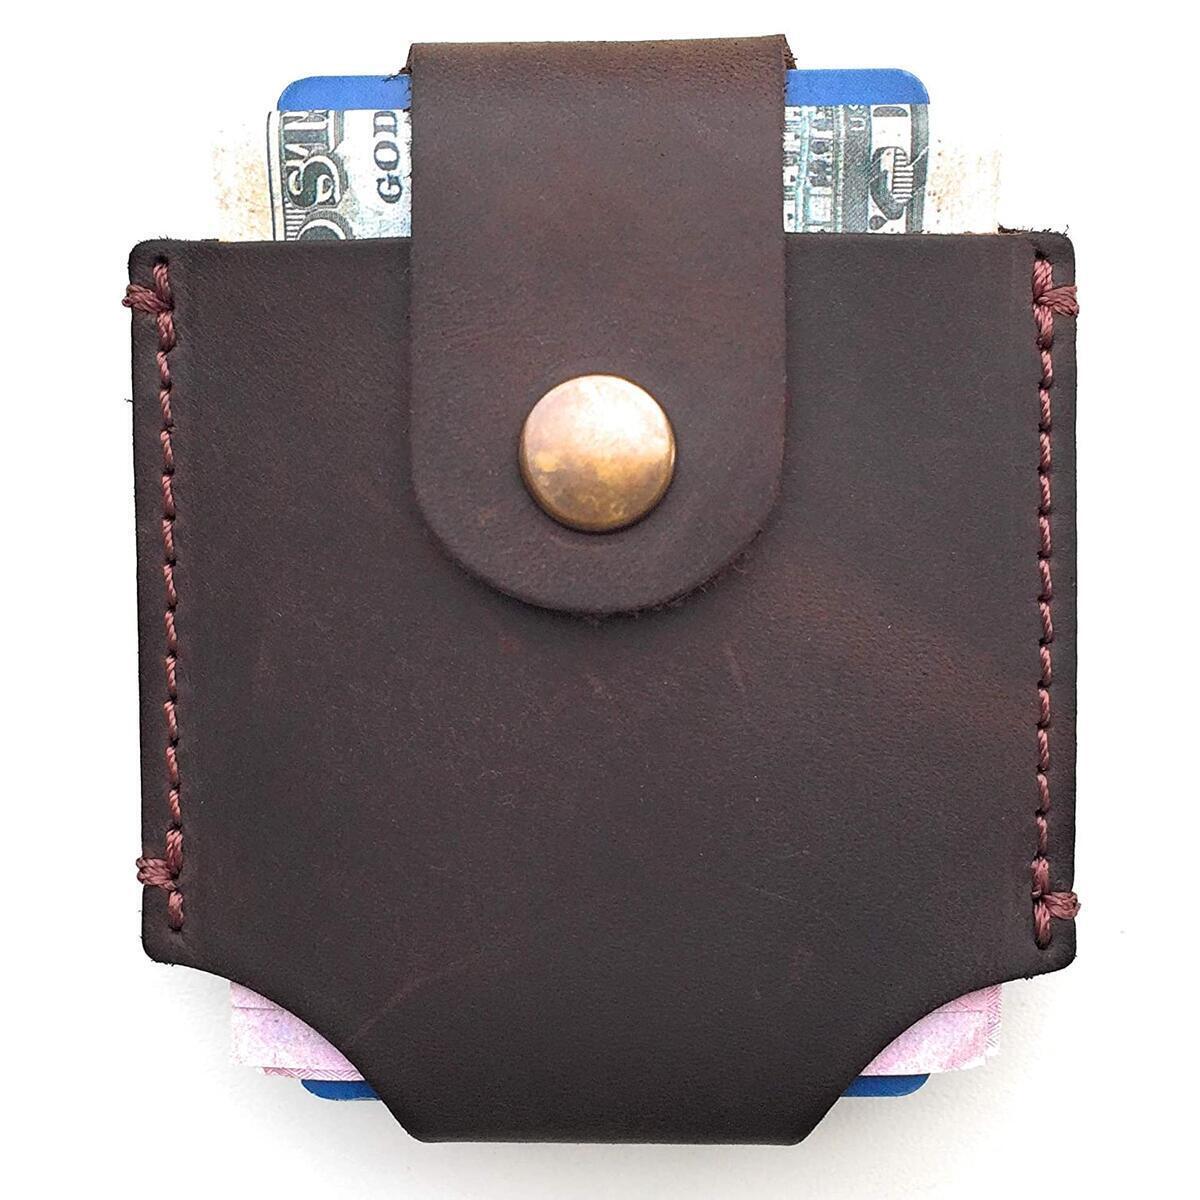 Mens Leather Wallet Unique Minimalist Style